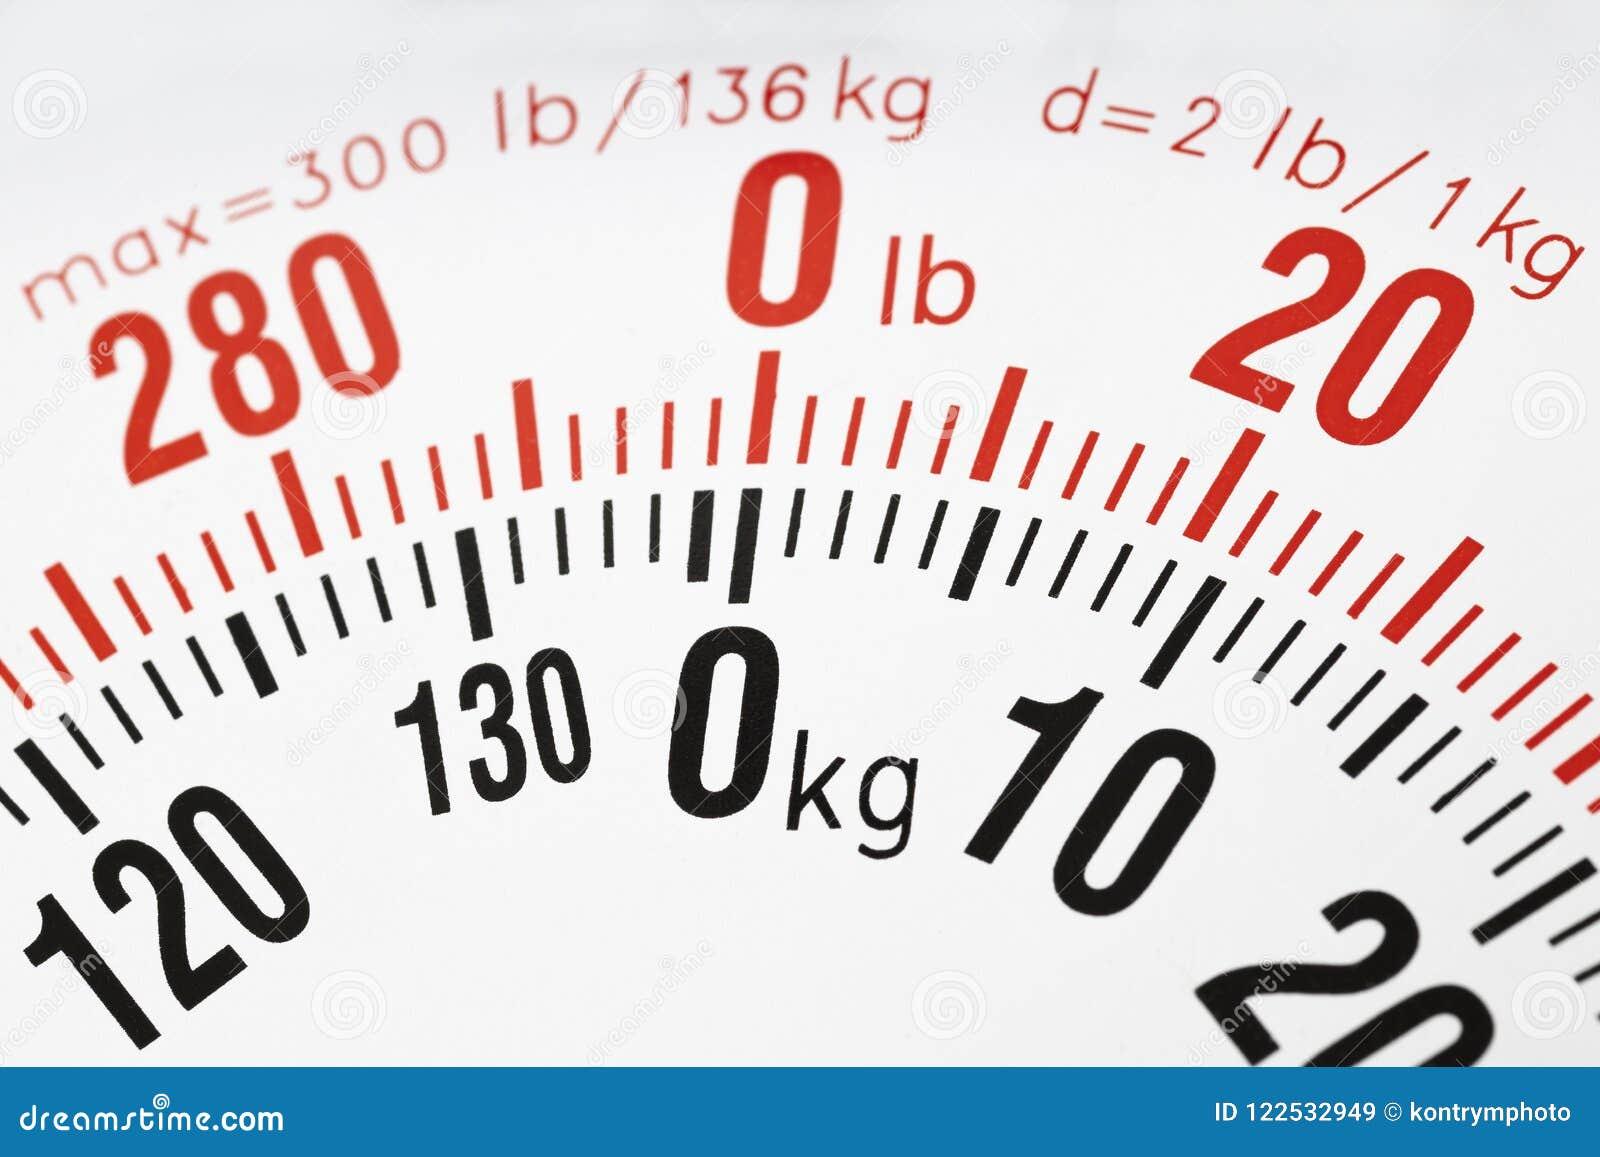 conseils pour perdre du poids pour les mamans occupées perdre du poids 3 repas par jour